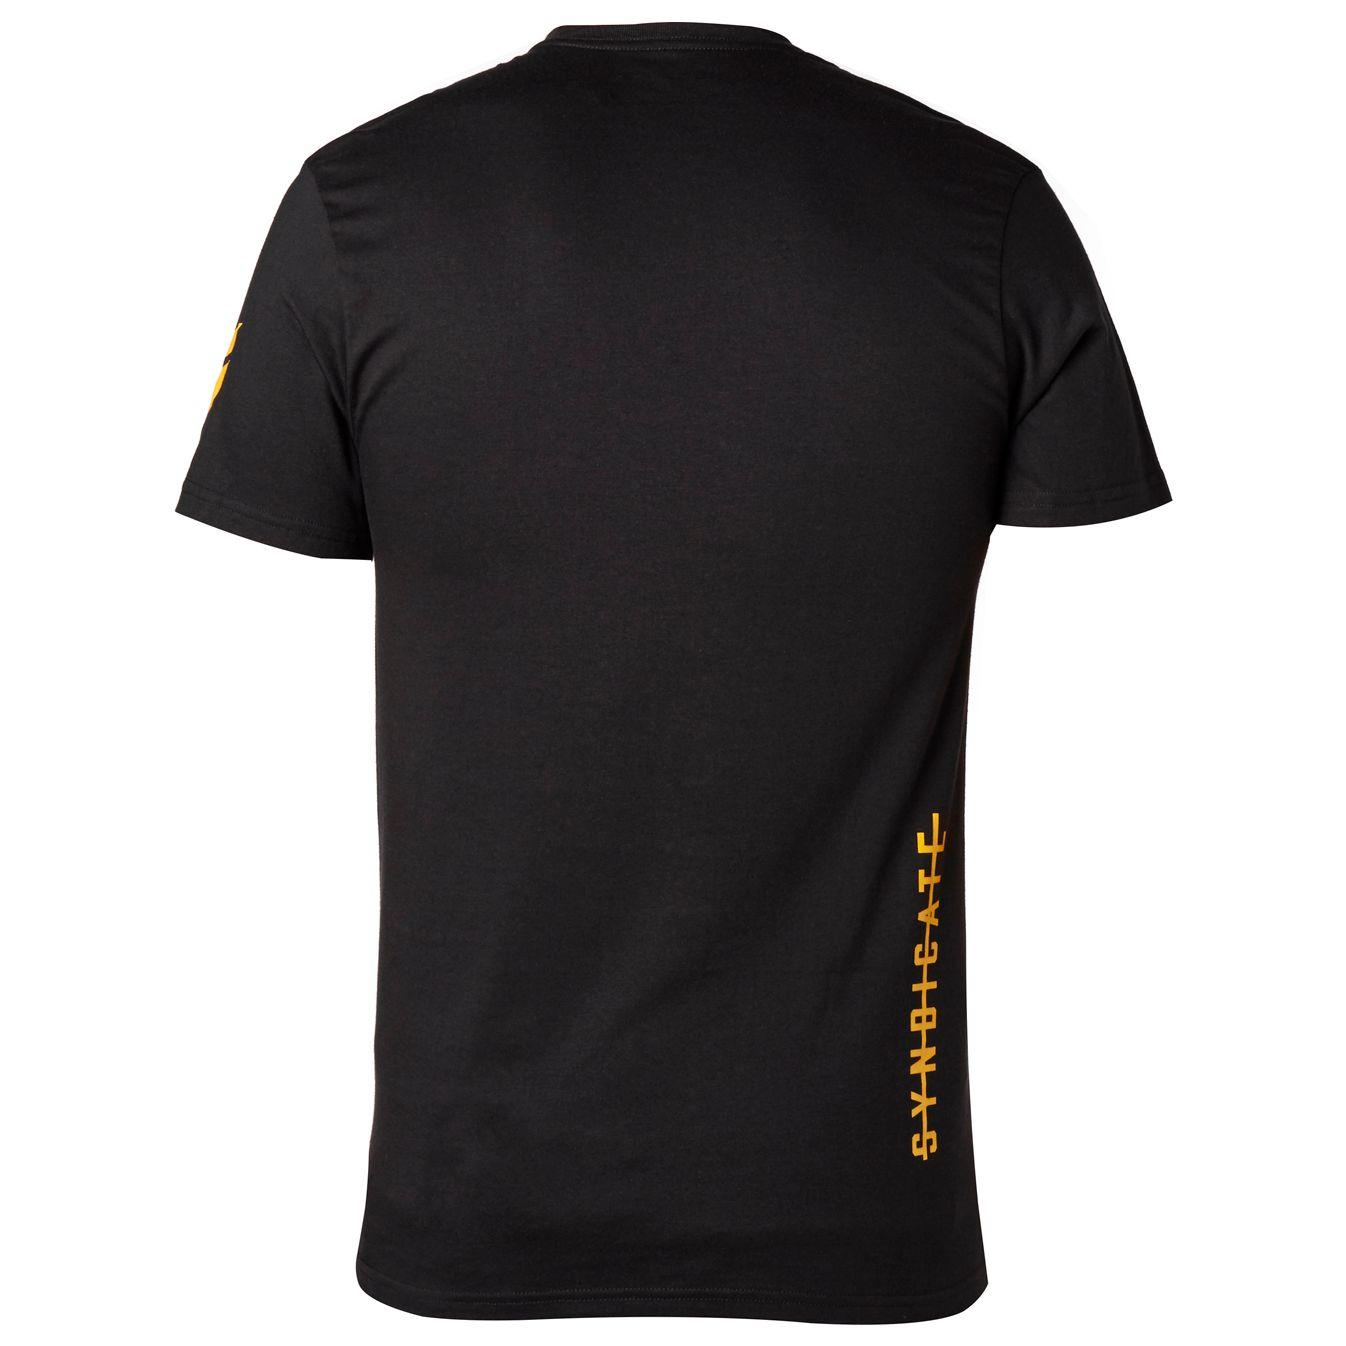 T-shirt Manches Courtes Shift Black Label - 2018